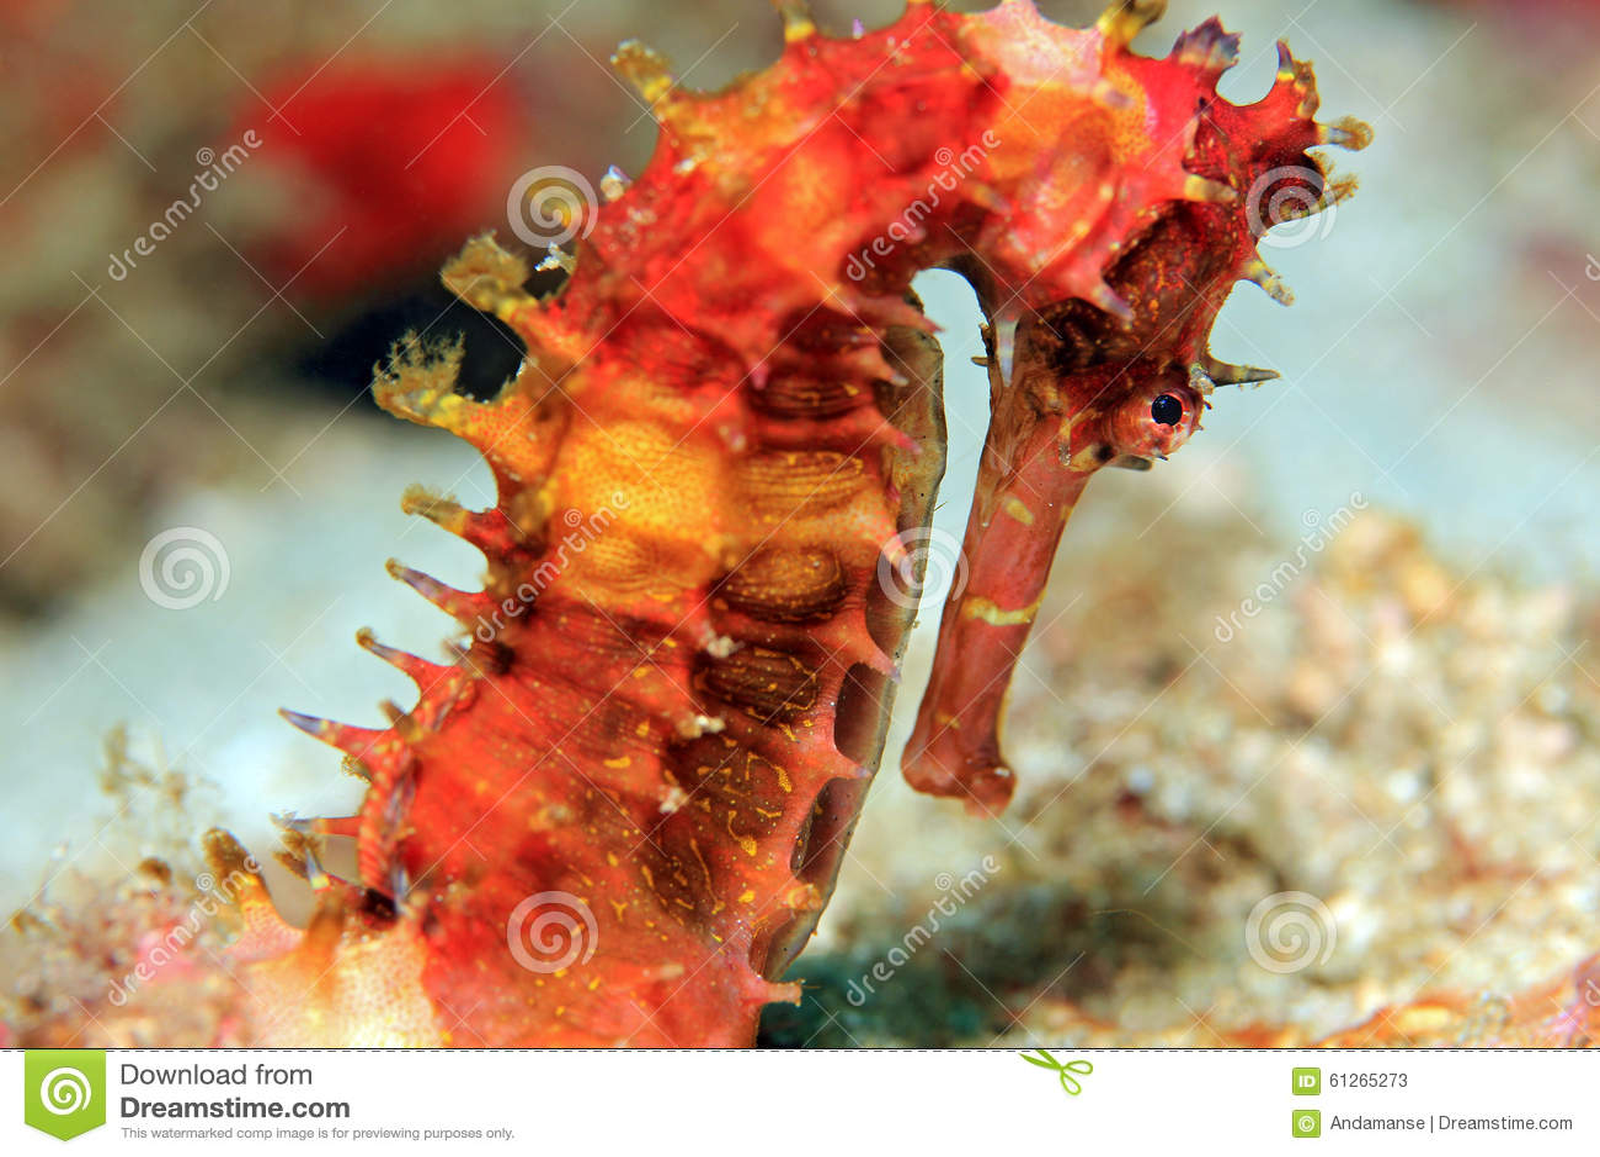 Seahorse espinoso